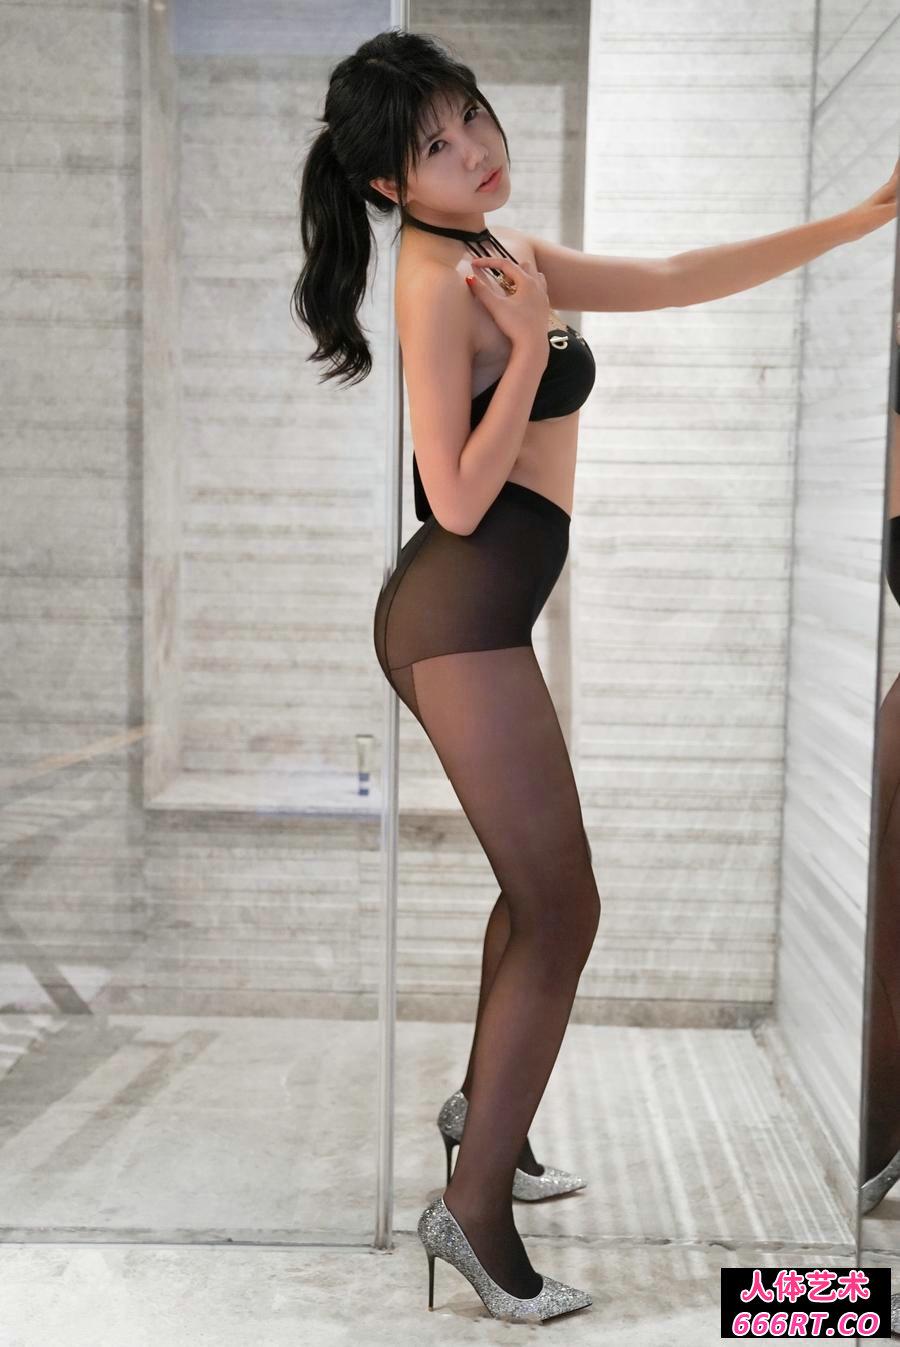 高跟裸模安沛蕾精品黑丝美臀写真